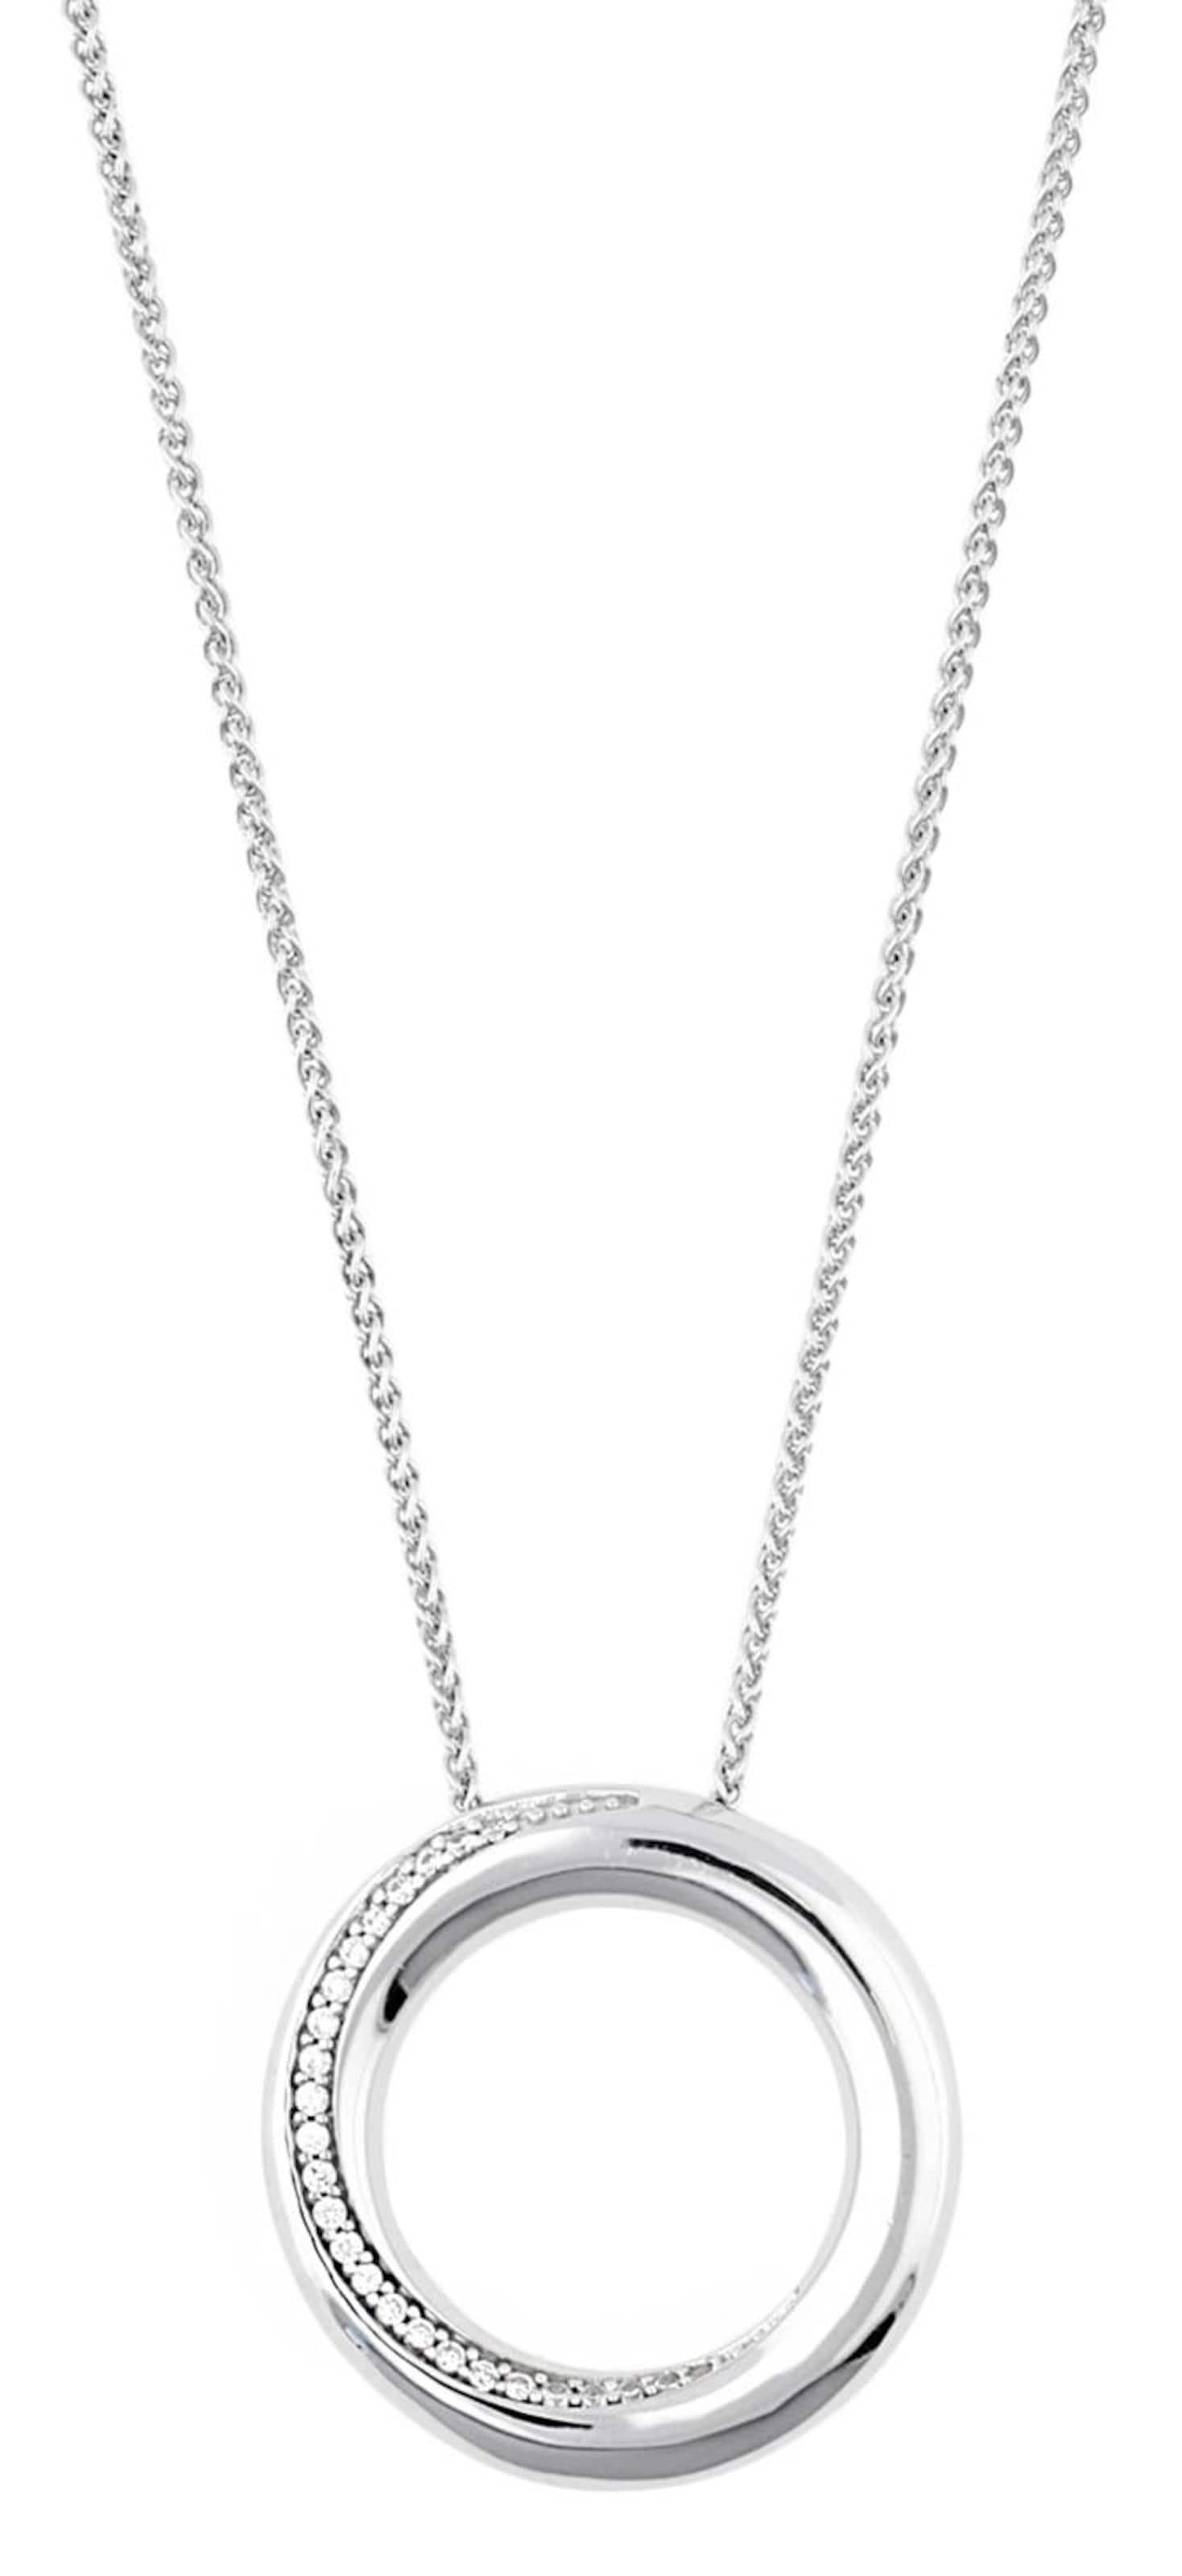 ESPRIT Halskette Peribess mit kreisrundem Anhänger ELNL91626A420 Billig Genießen Billig Billig xzRcnje